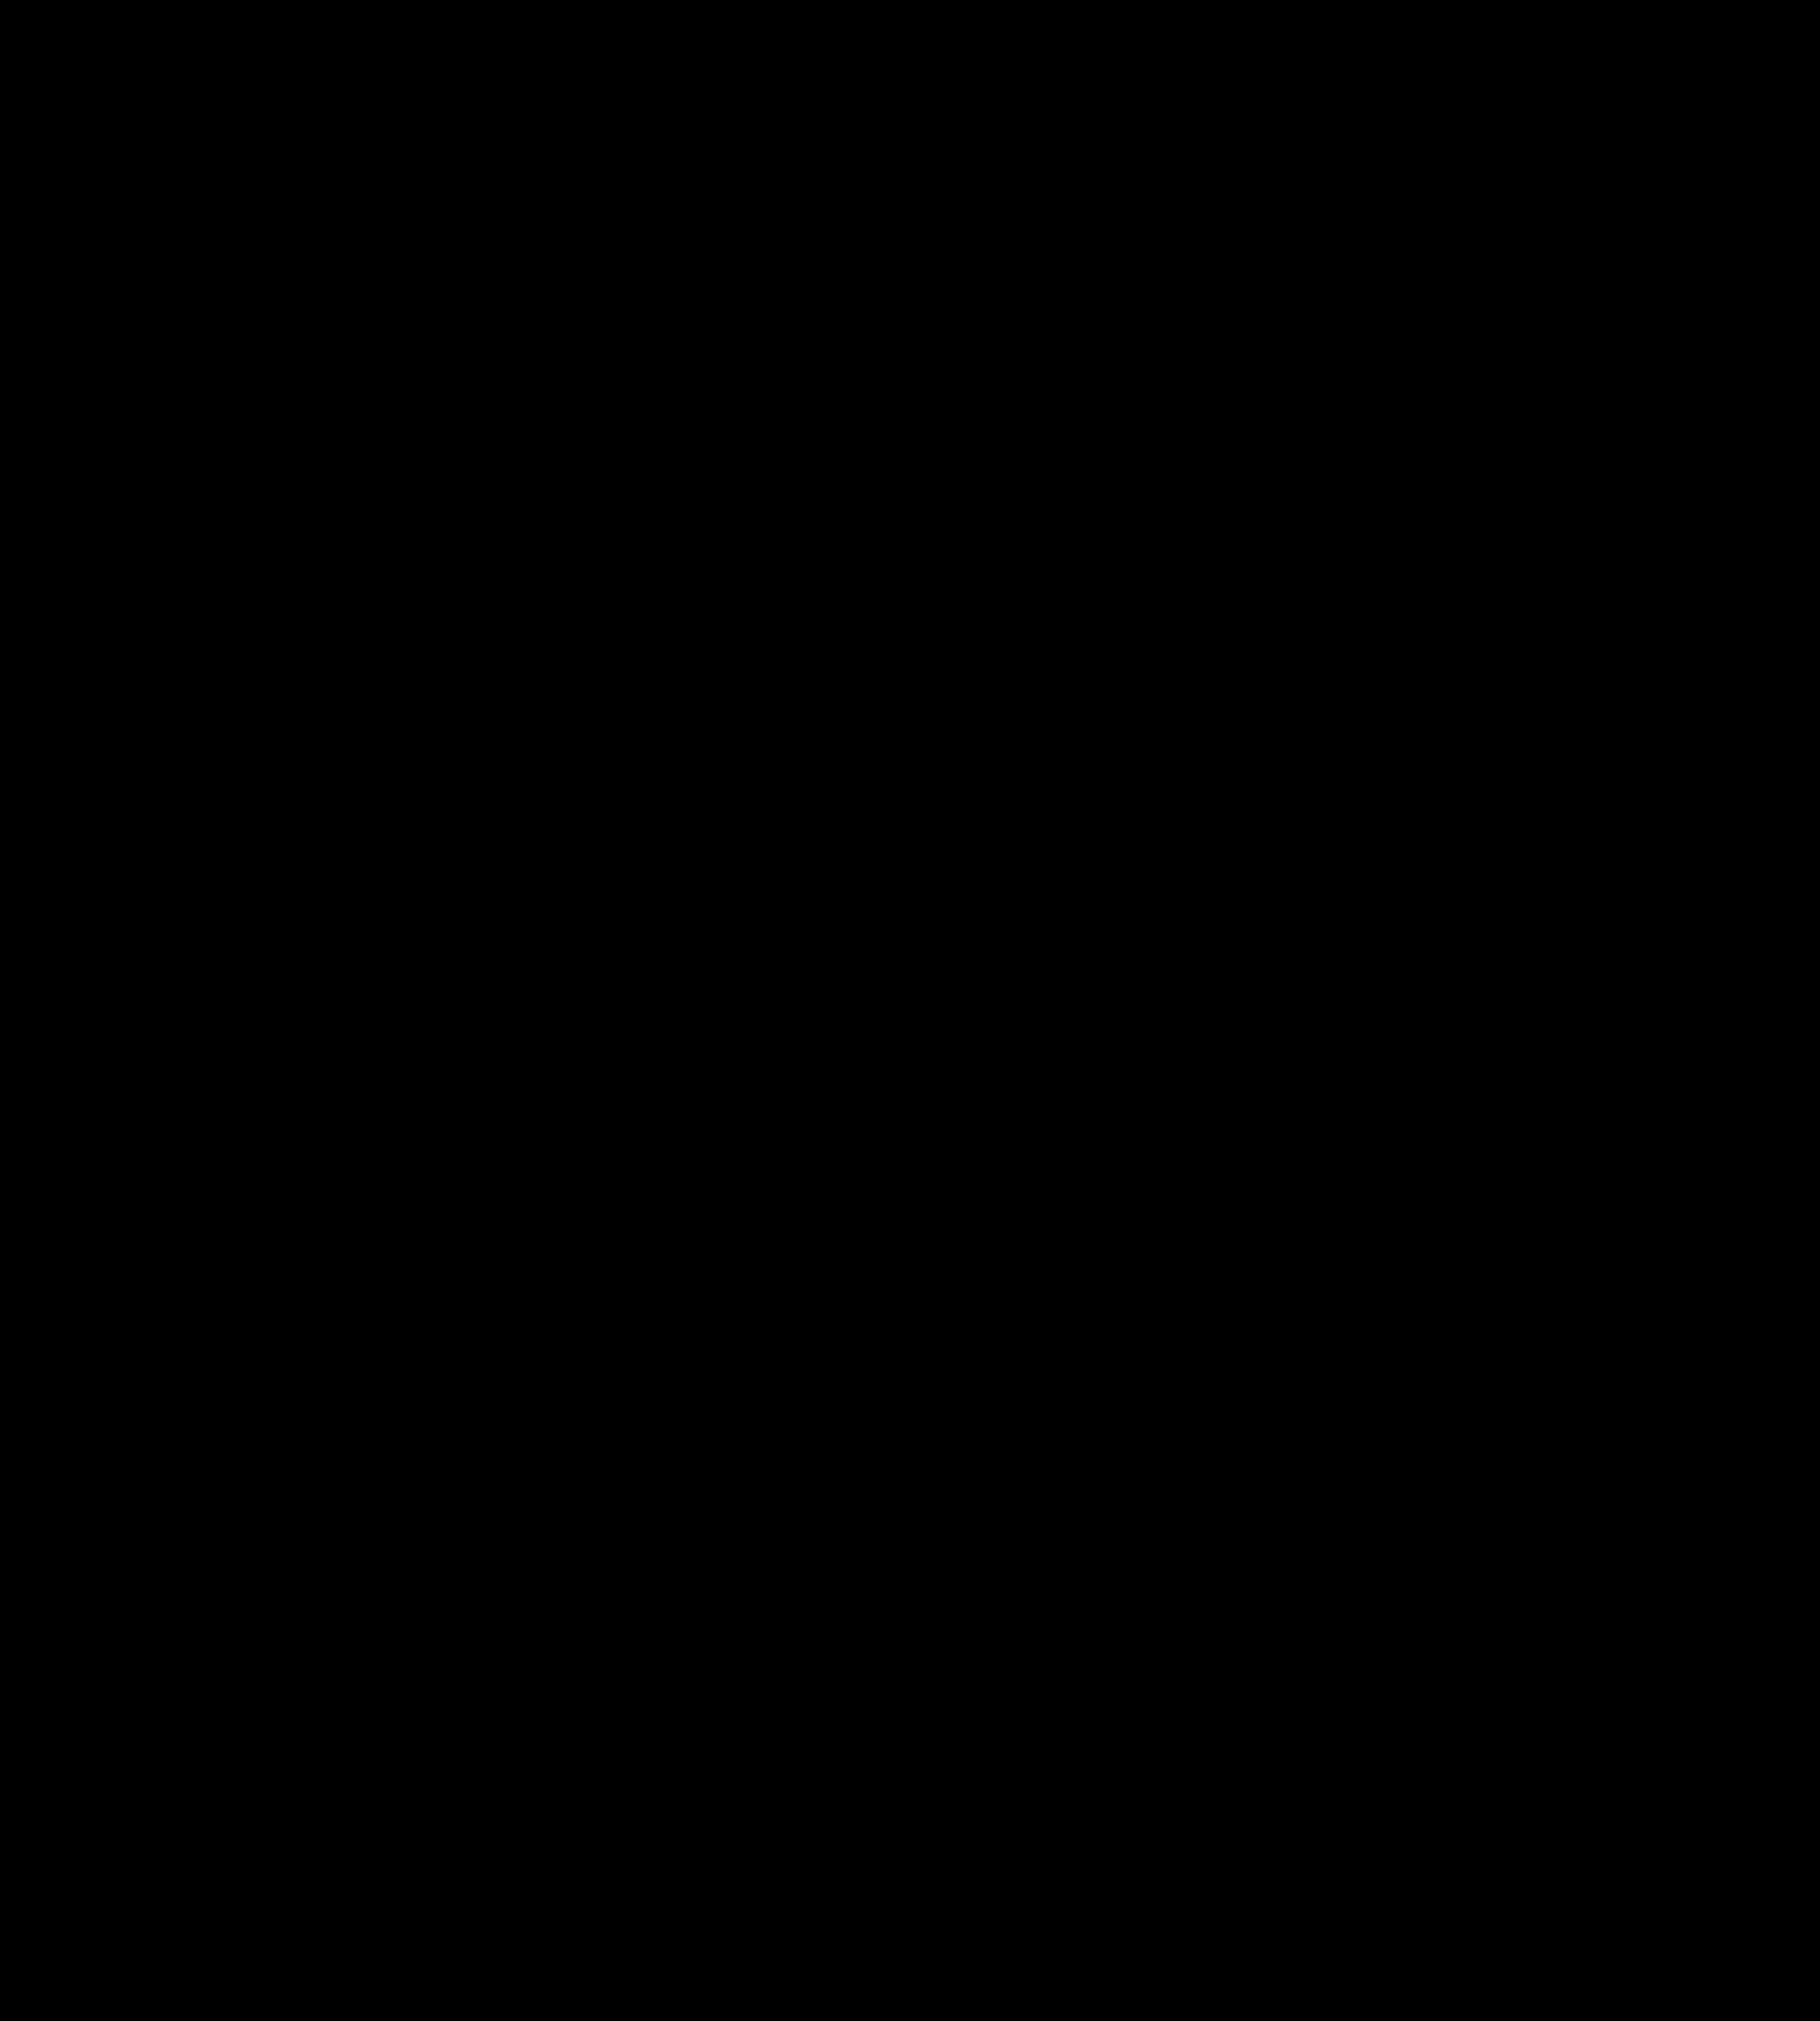 Tshirt PNG Outline Transparent Tshirt Outline.PNG Images ...